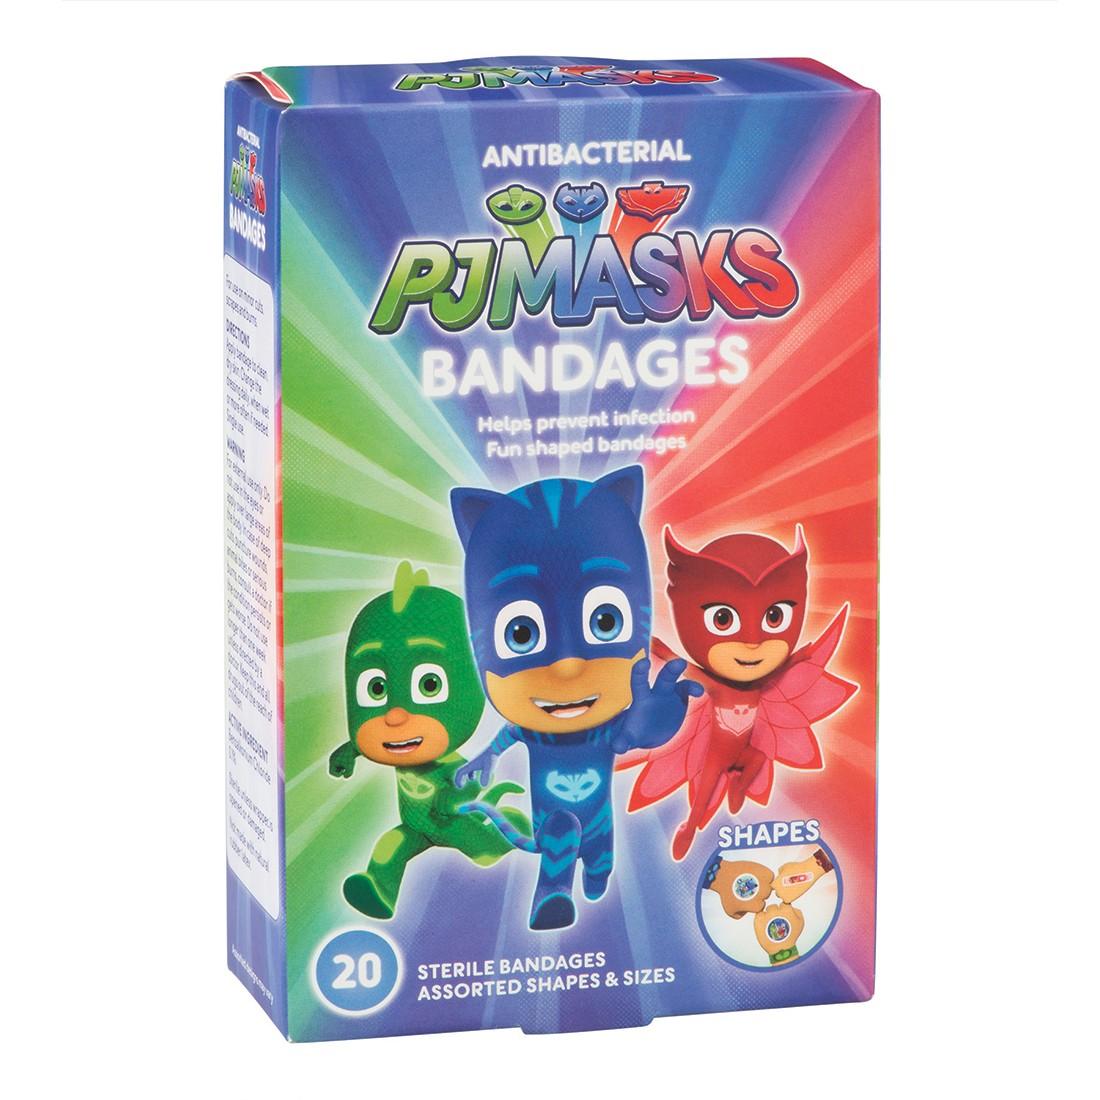 PJ Masks Antibacterial Bandages [image]